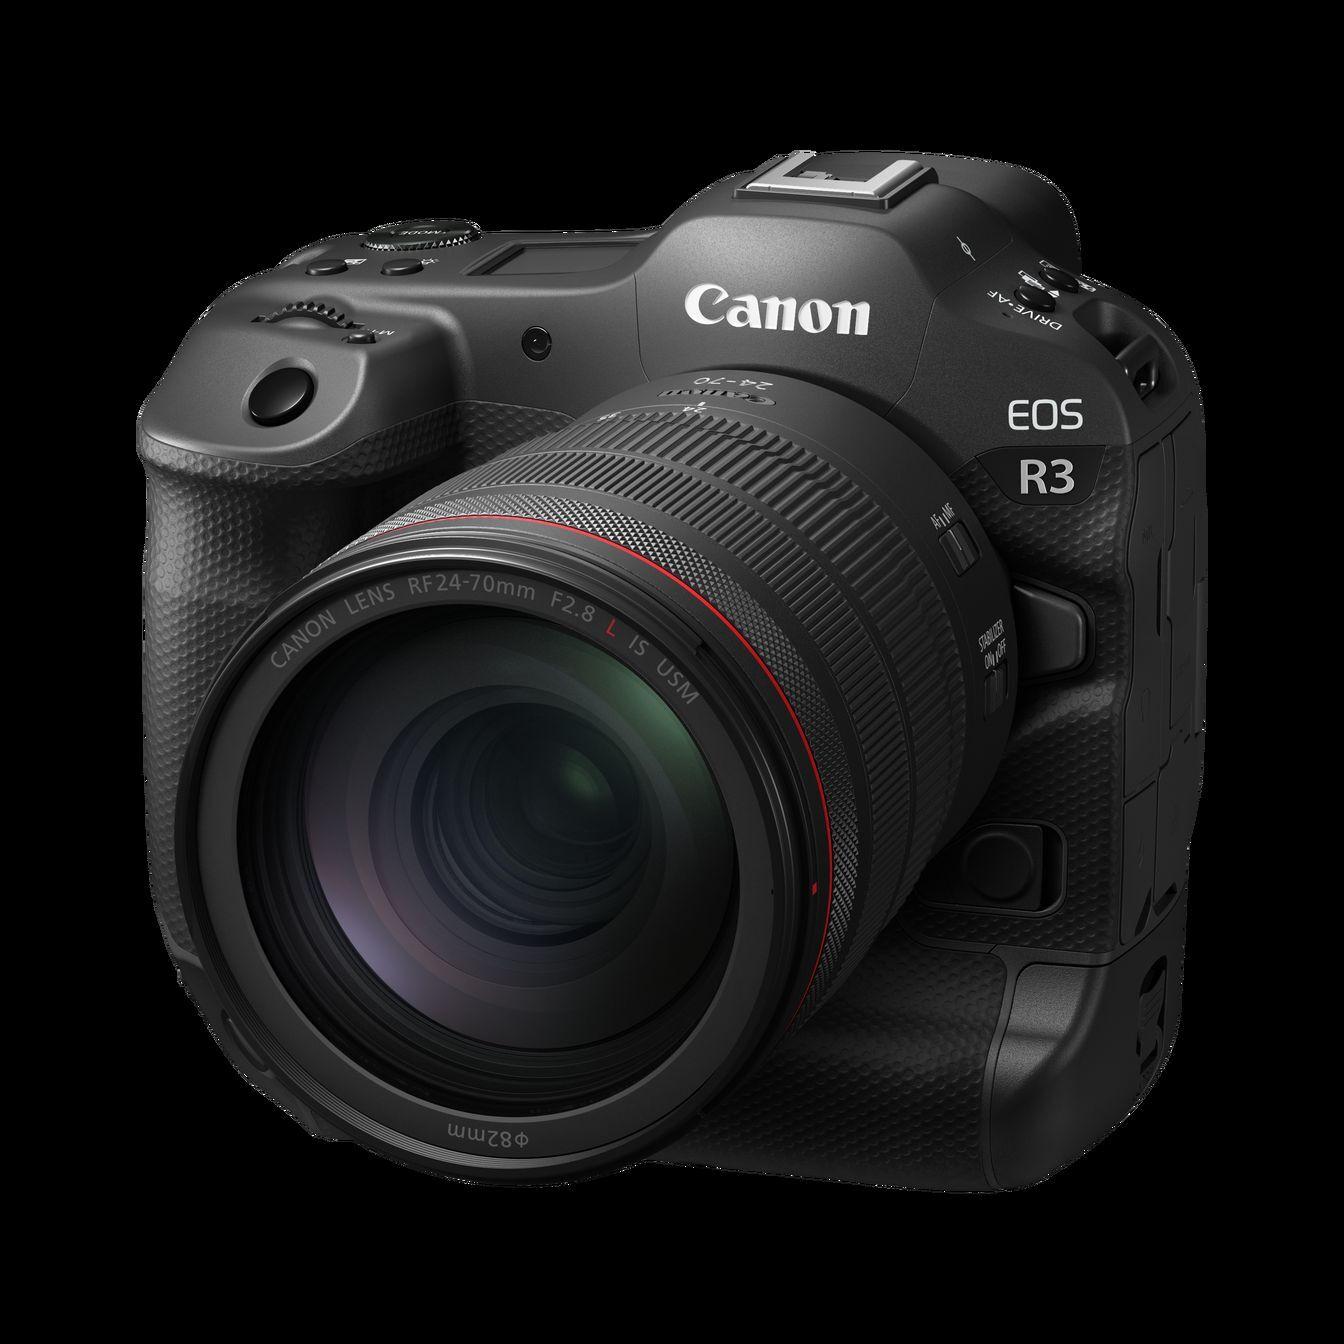 eos-r3-frontslant-rf-24-70mm-f2_gallery_.jpg